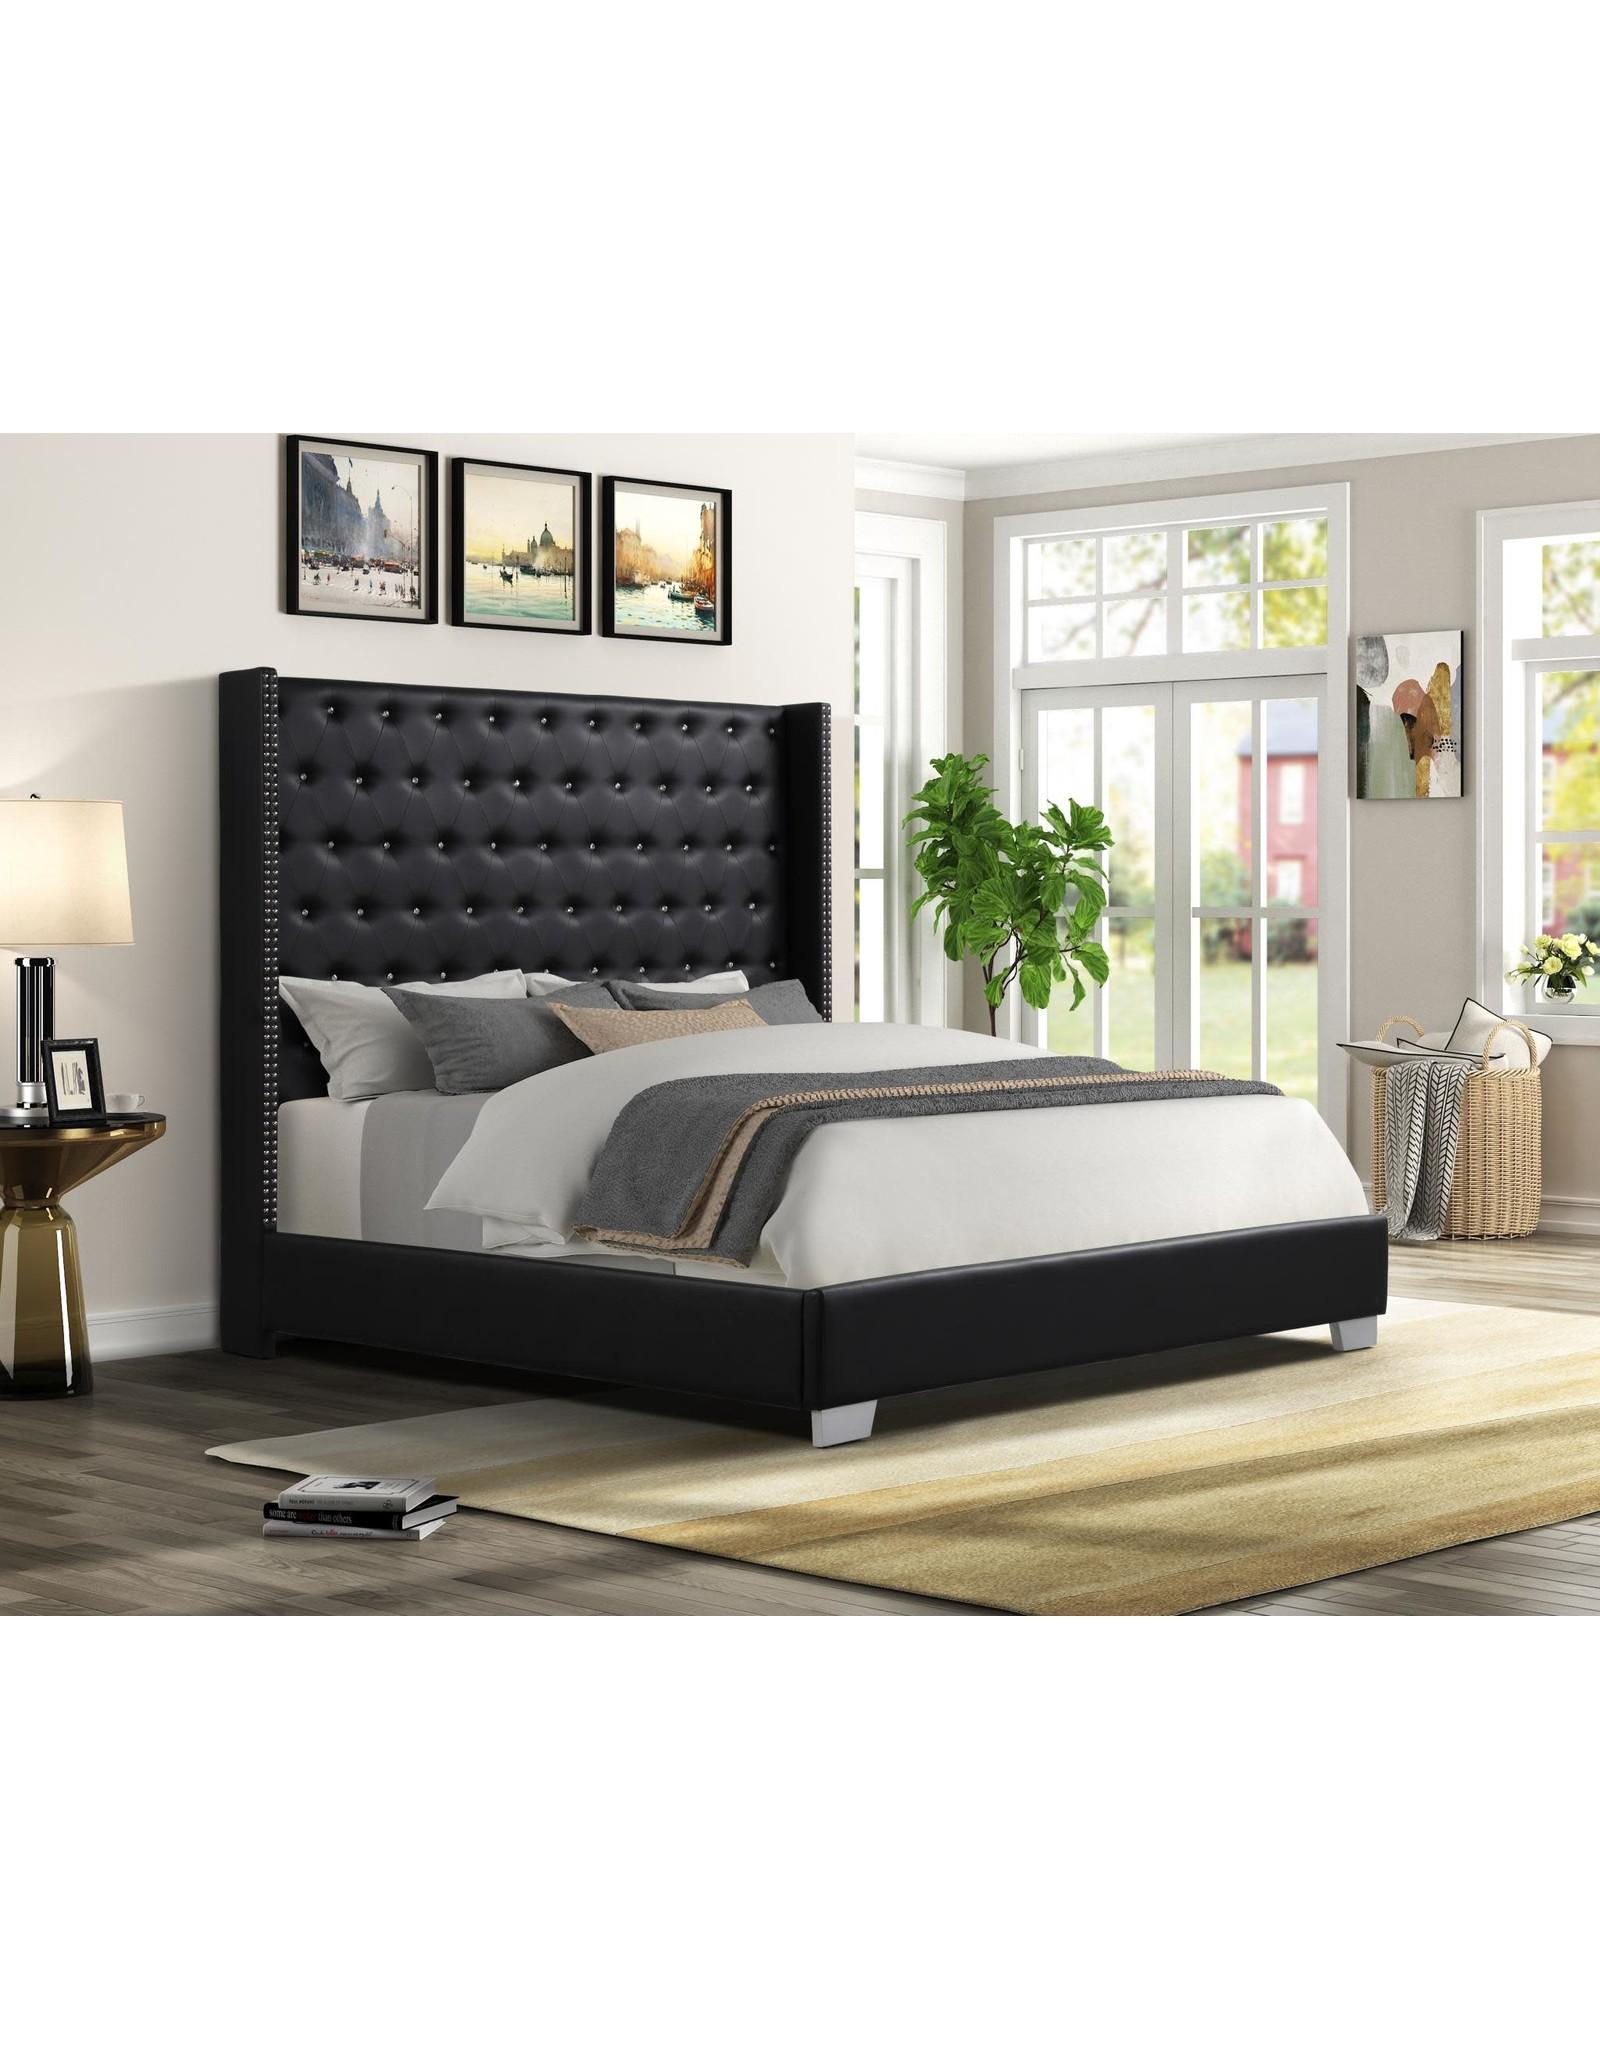 AL8027 King Bed Black